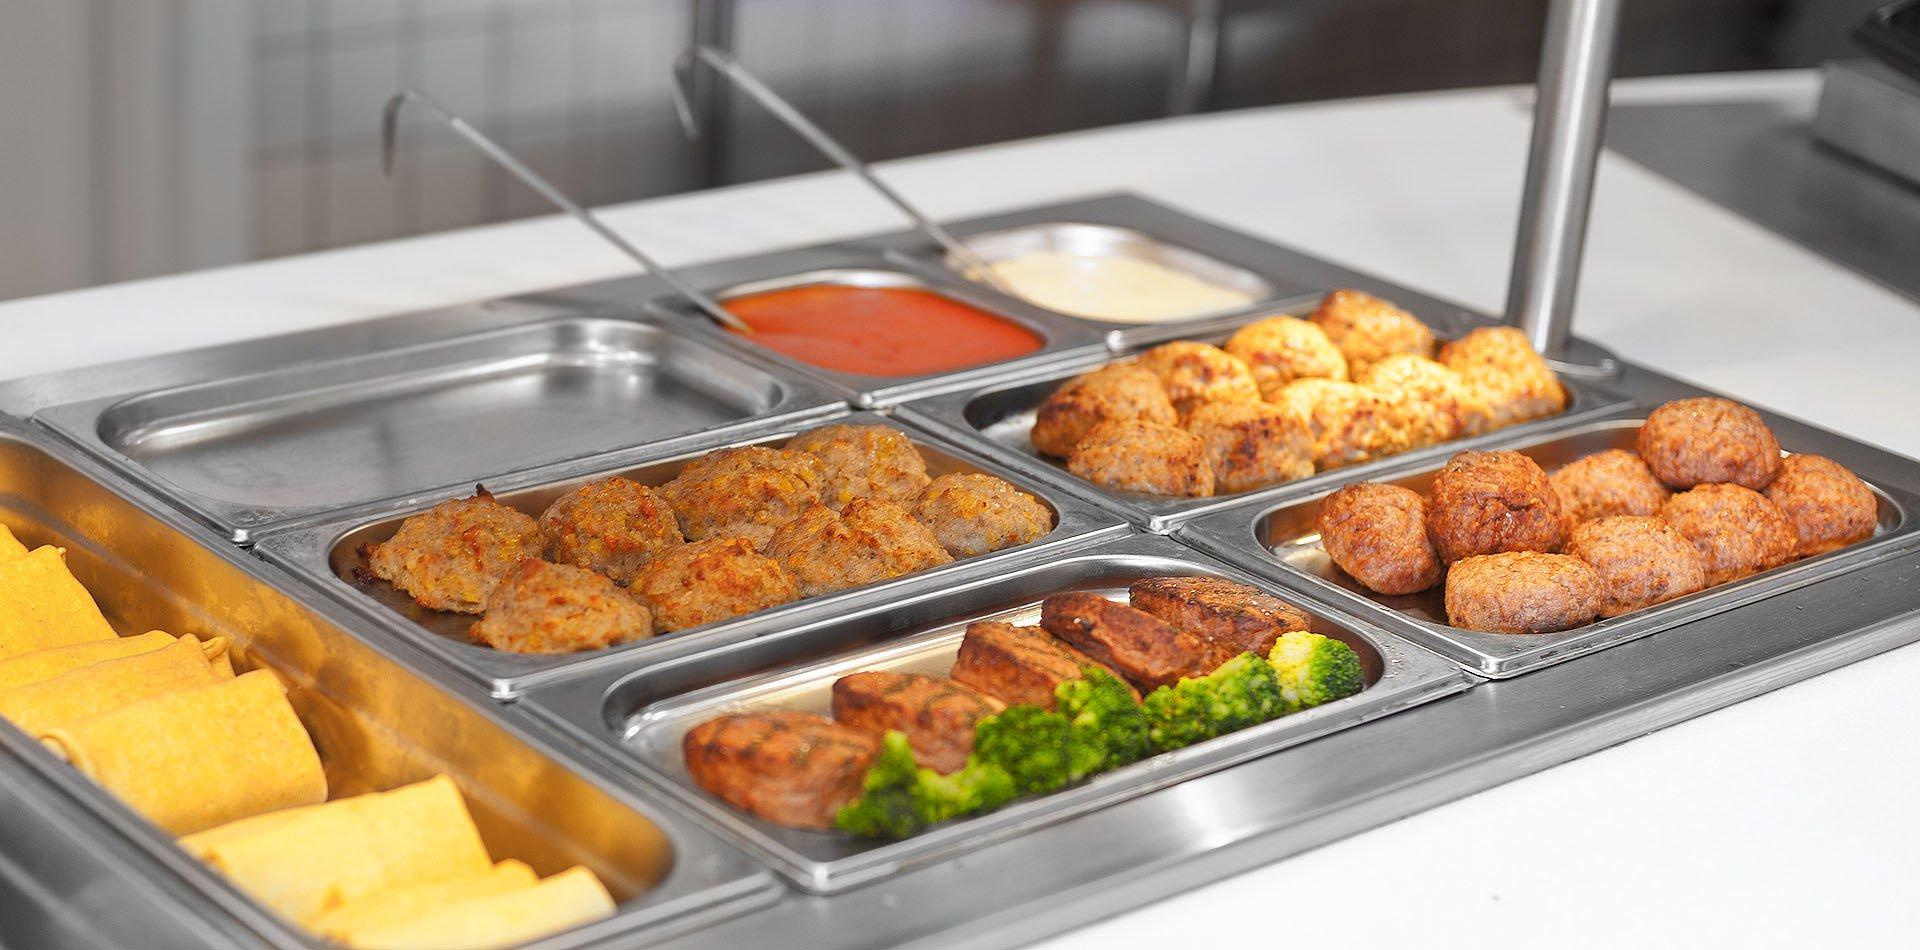 шаги картинки еды в столовой эротическом белье чулках